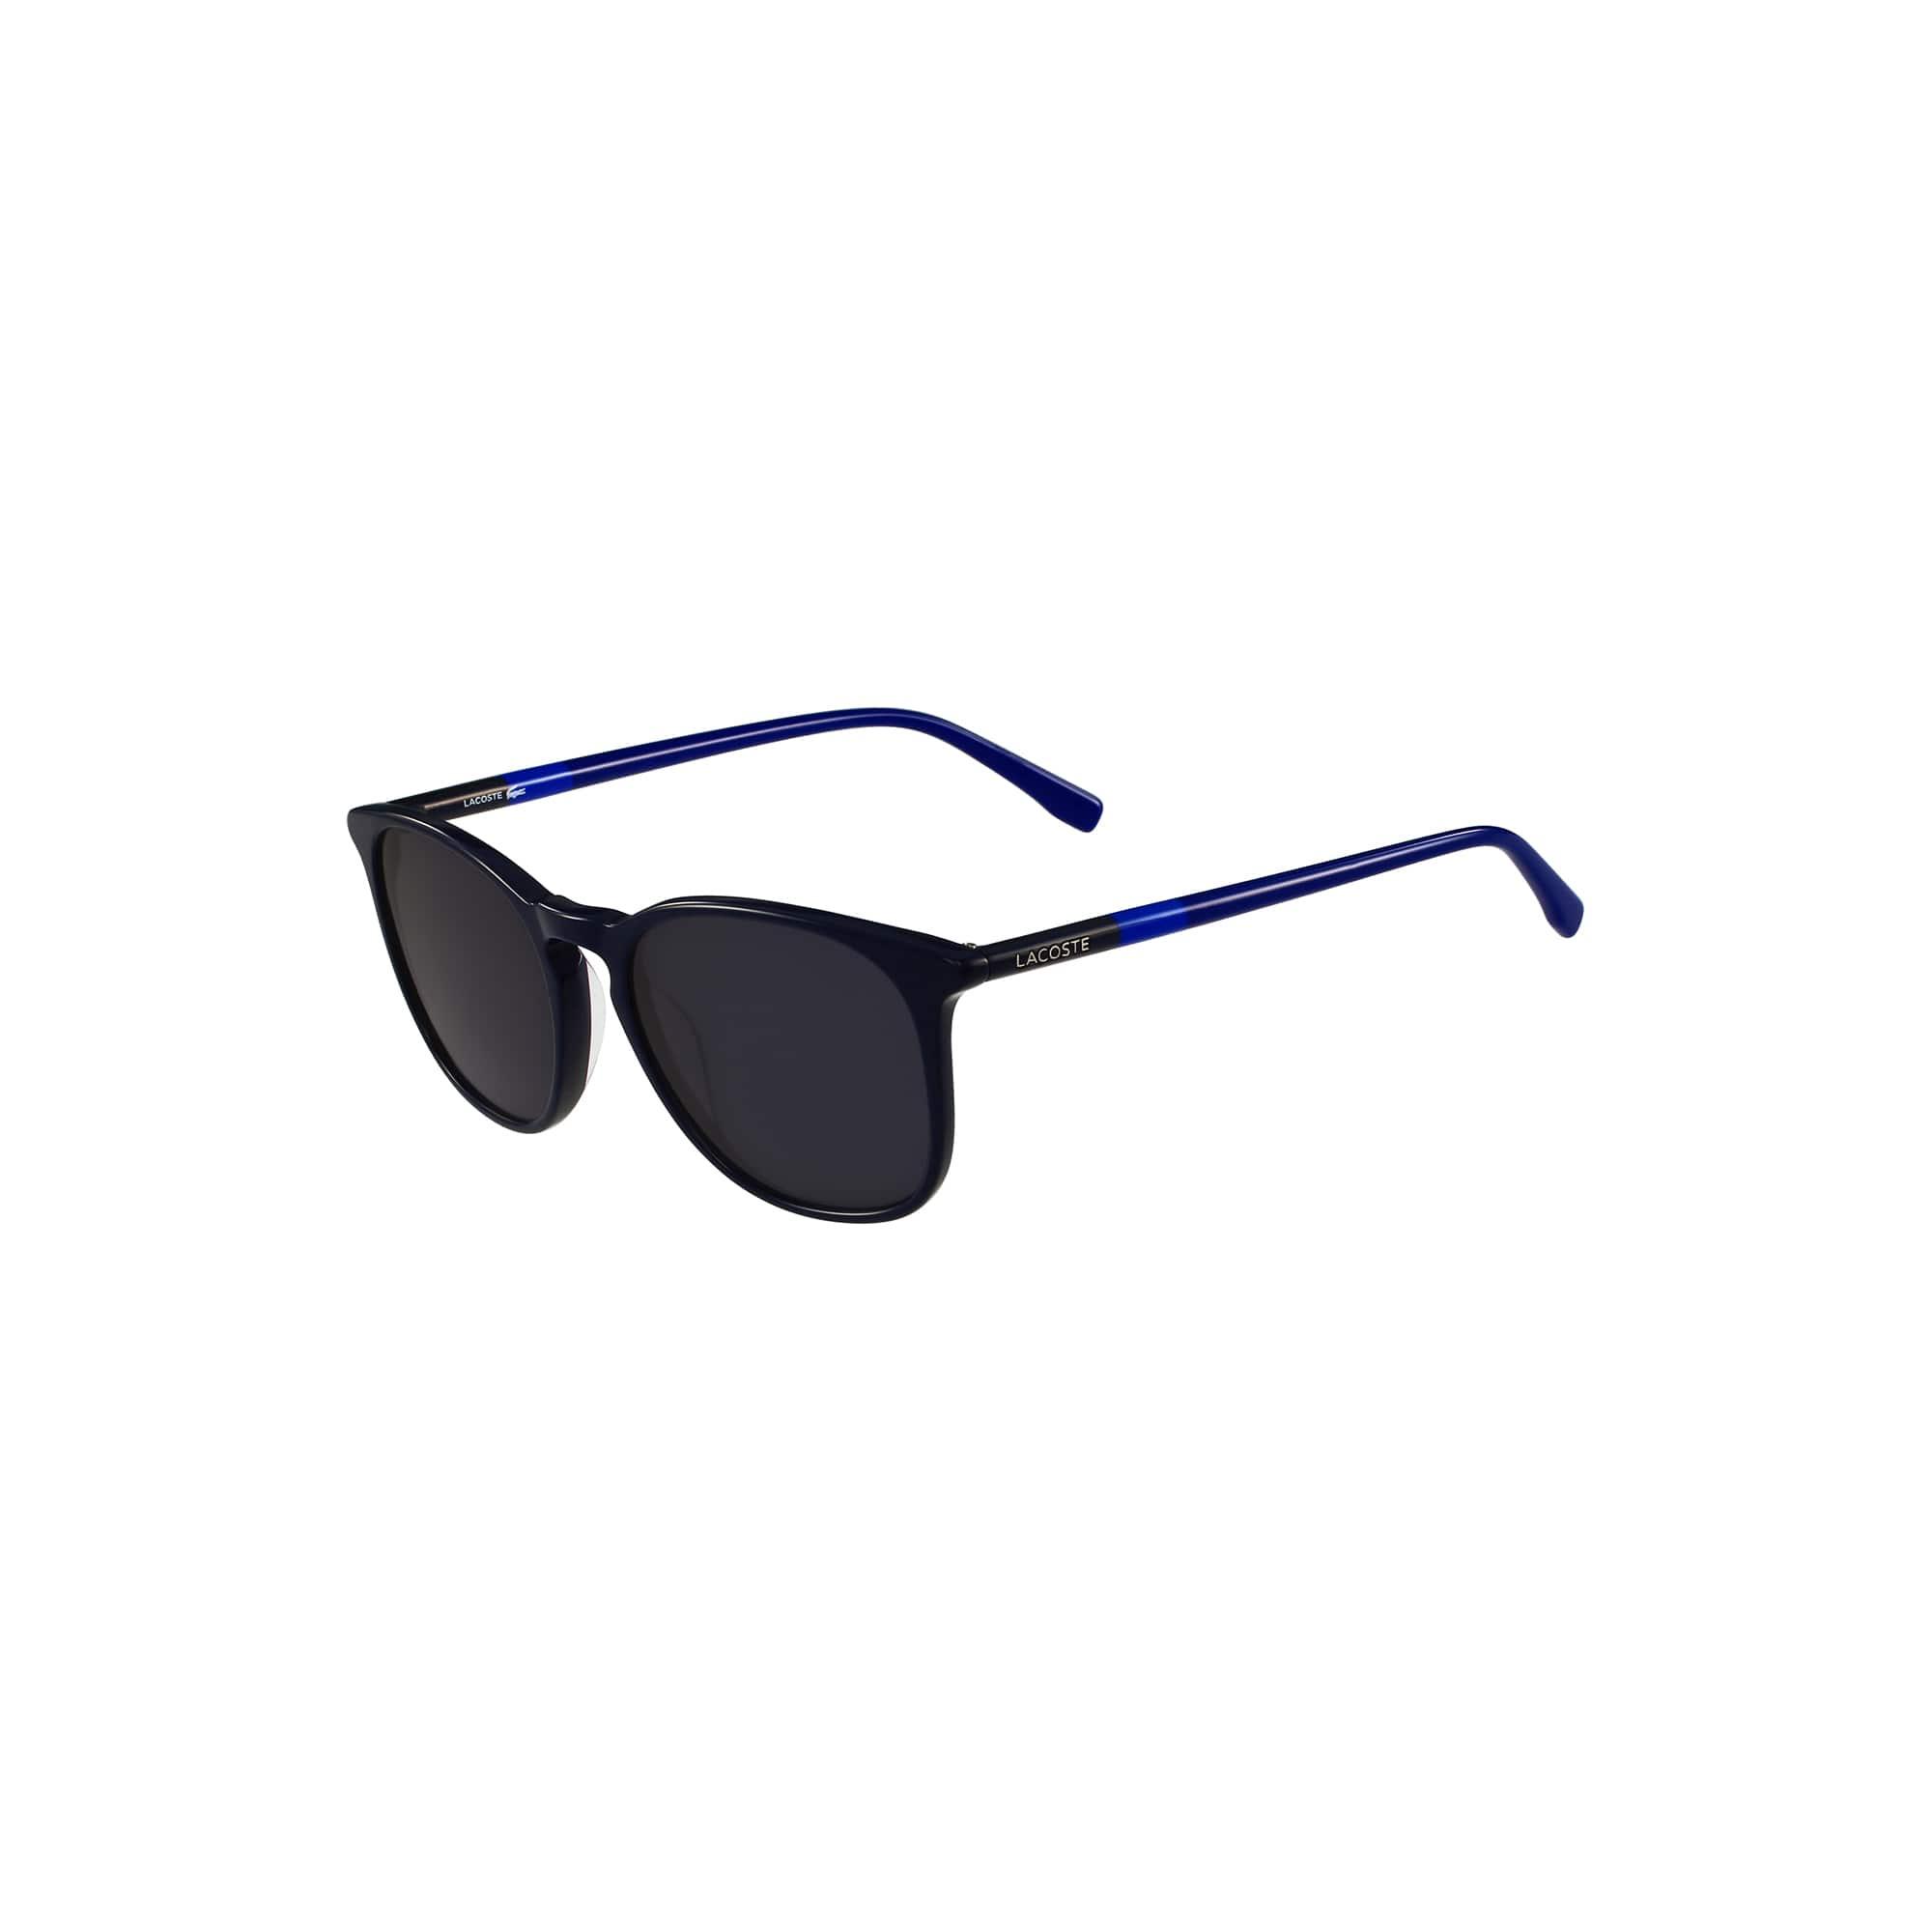 0ad8d0d8c8 Women s Vintage Keyhole Bridge Sunglasses